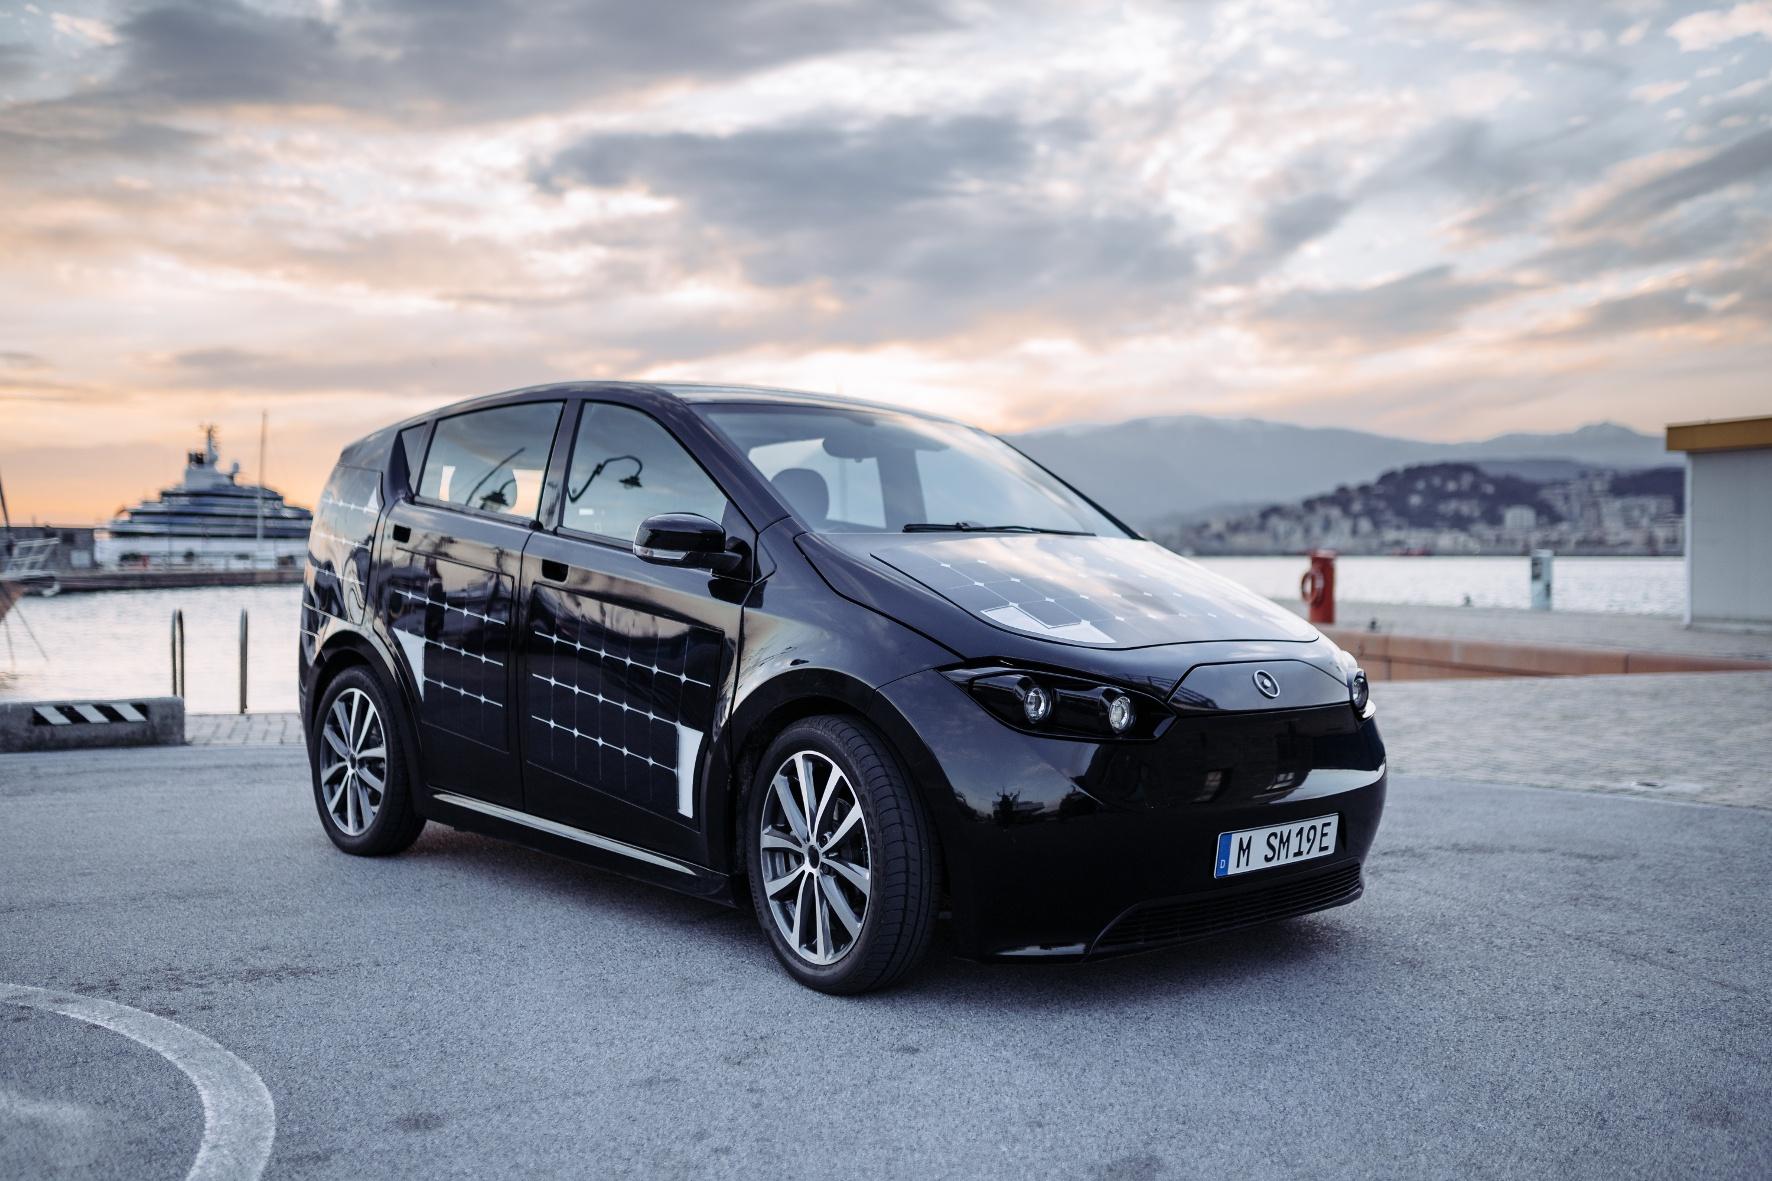 Solar-Elektroauto: Münchner Start-up kann über 5.000 Reservierungen vorweisen